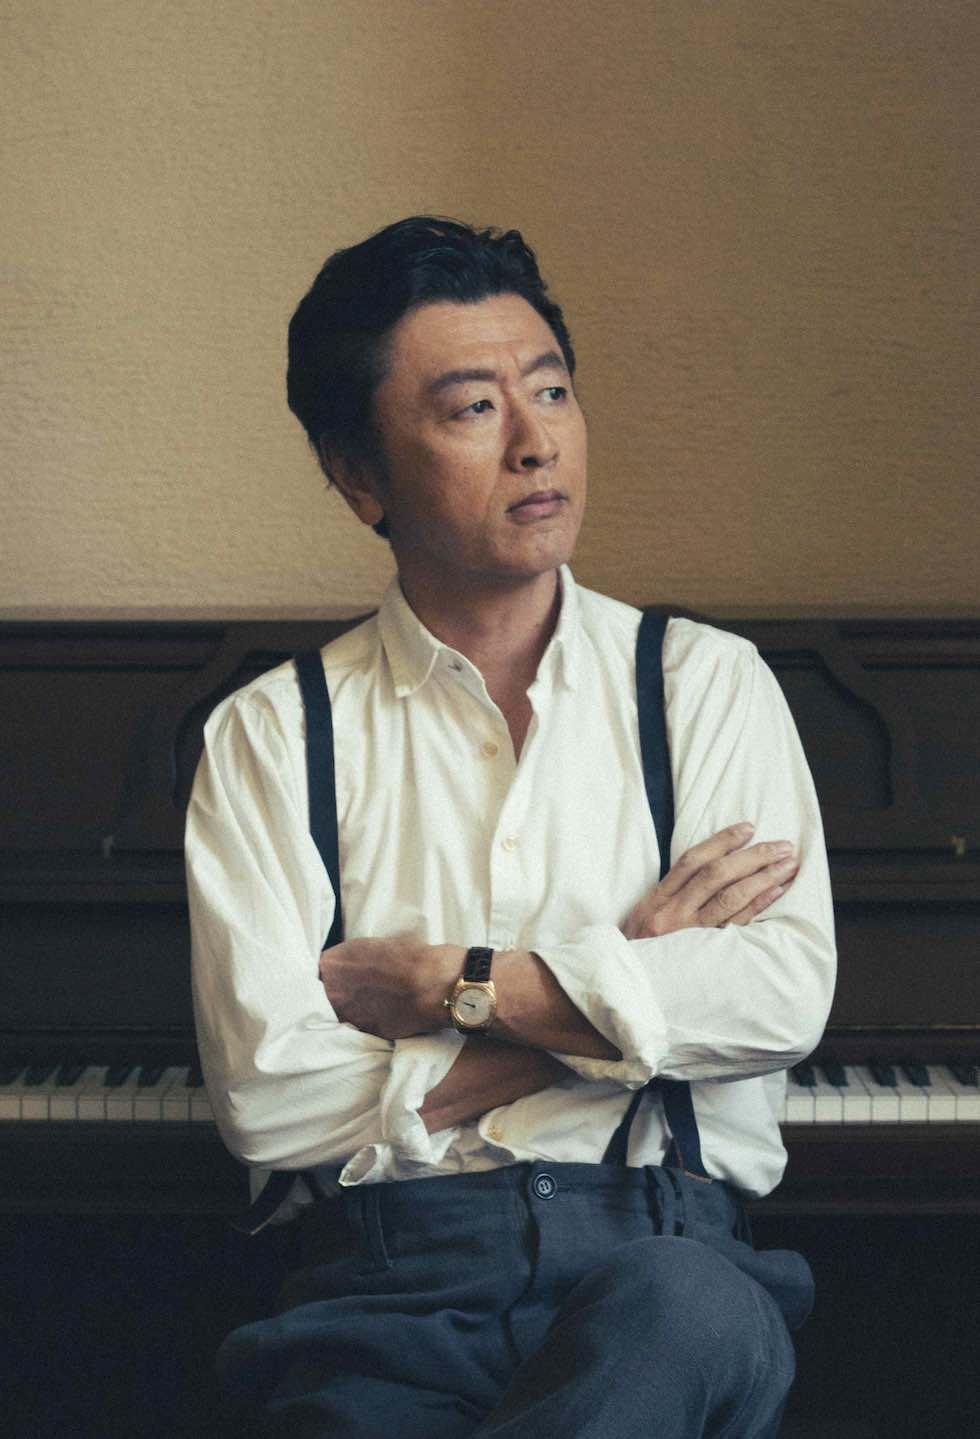 桑田佳祐、第71回NHK紅白歌合戦にVTR出演!坂本冬美にエールを送る!